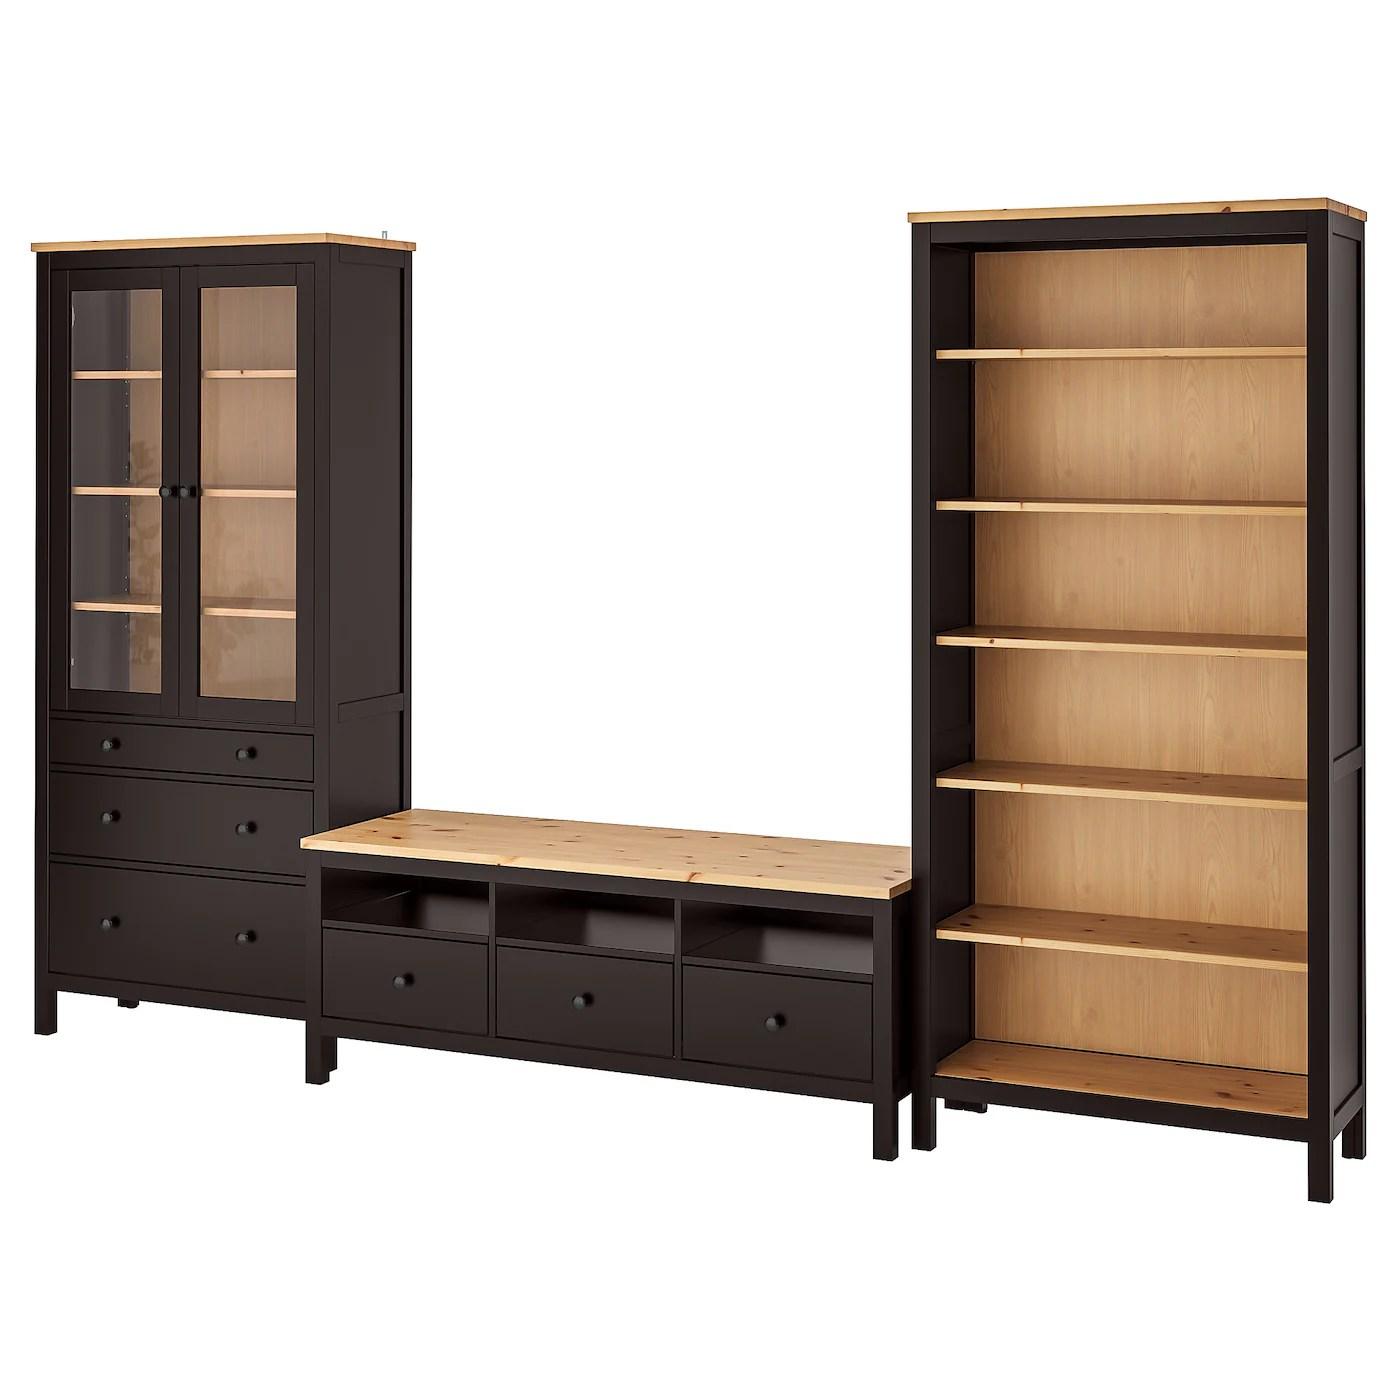 hemnes combinaison meuble tv brun noir brun clair verre transparent 326x197 cm